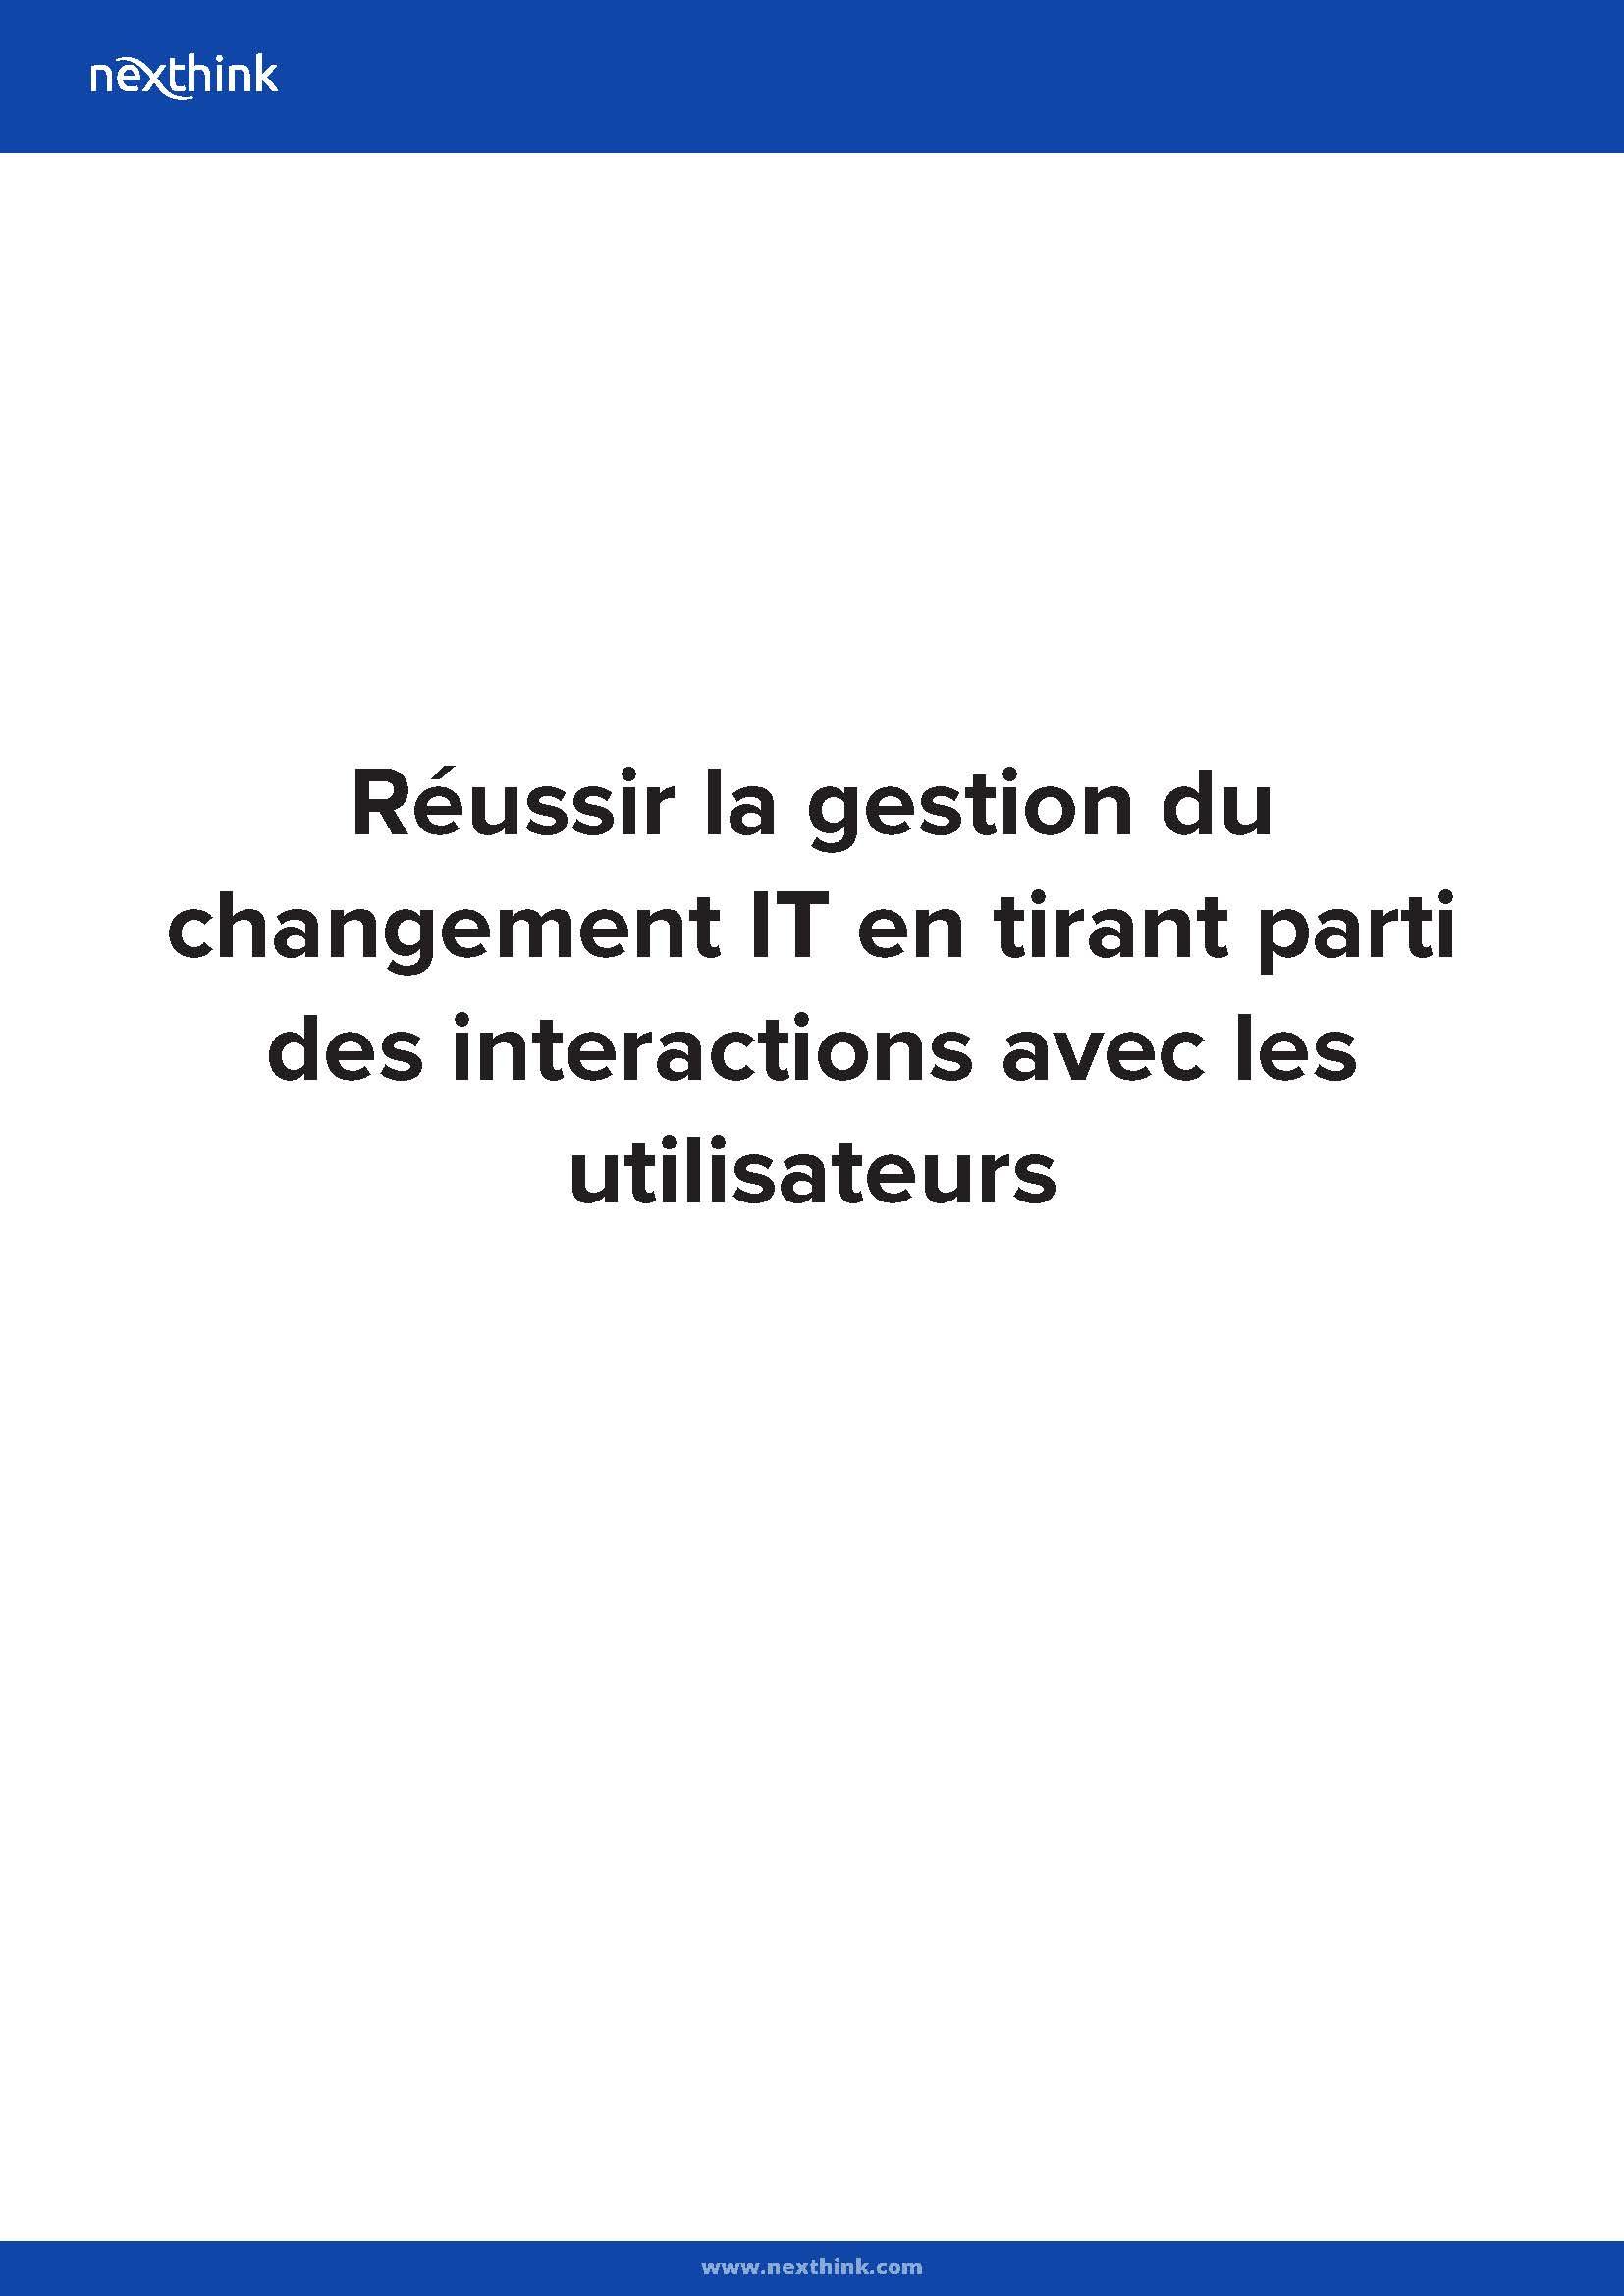 Réussir la gestion du changement en tirant parti des interactions avec les utilisateurs